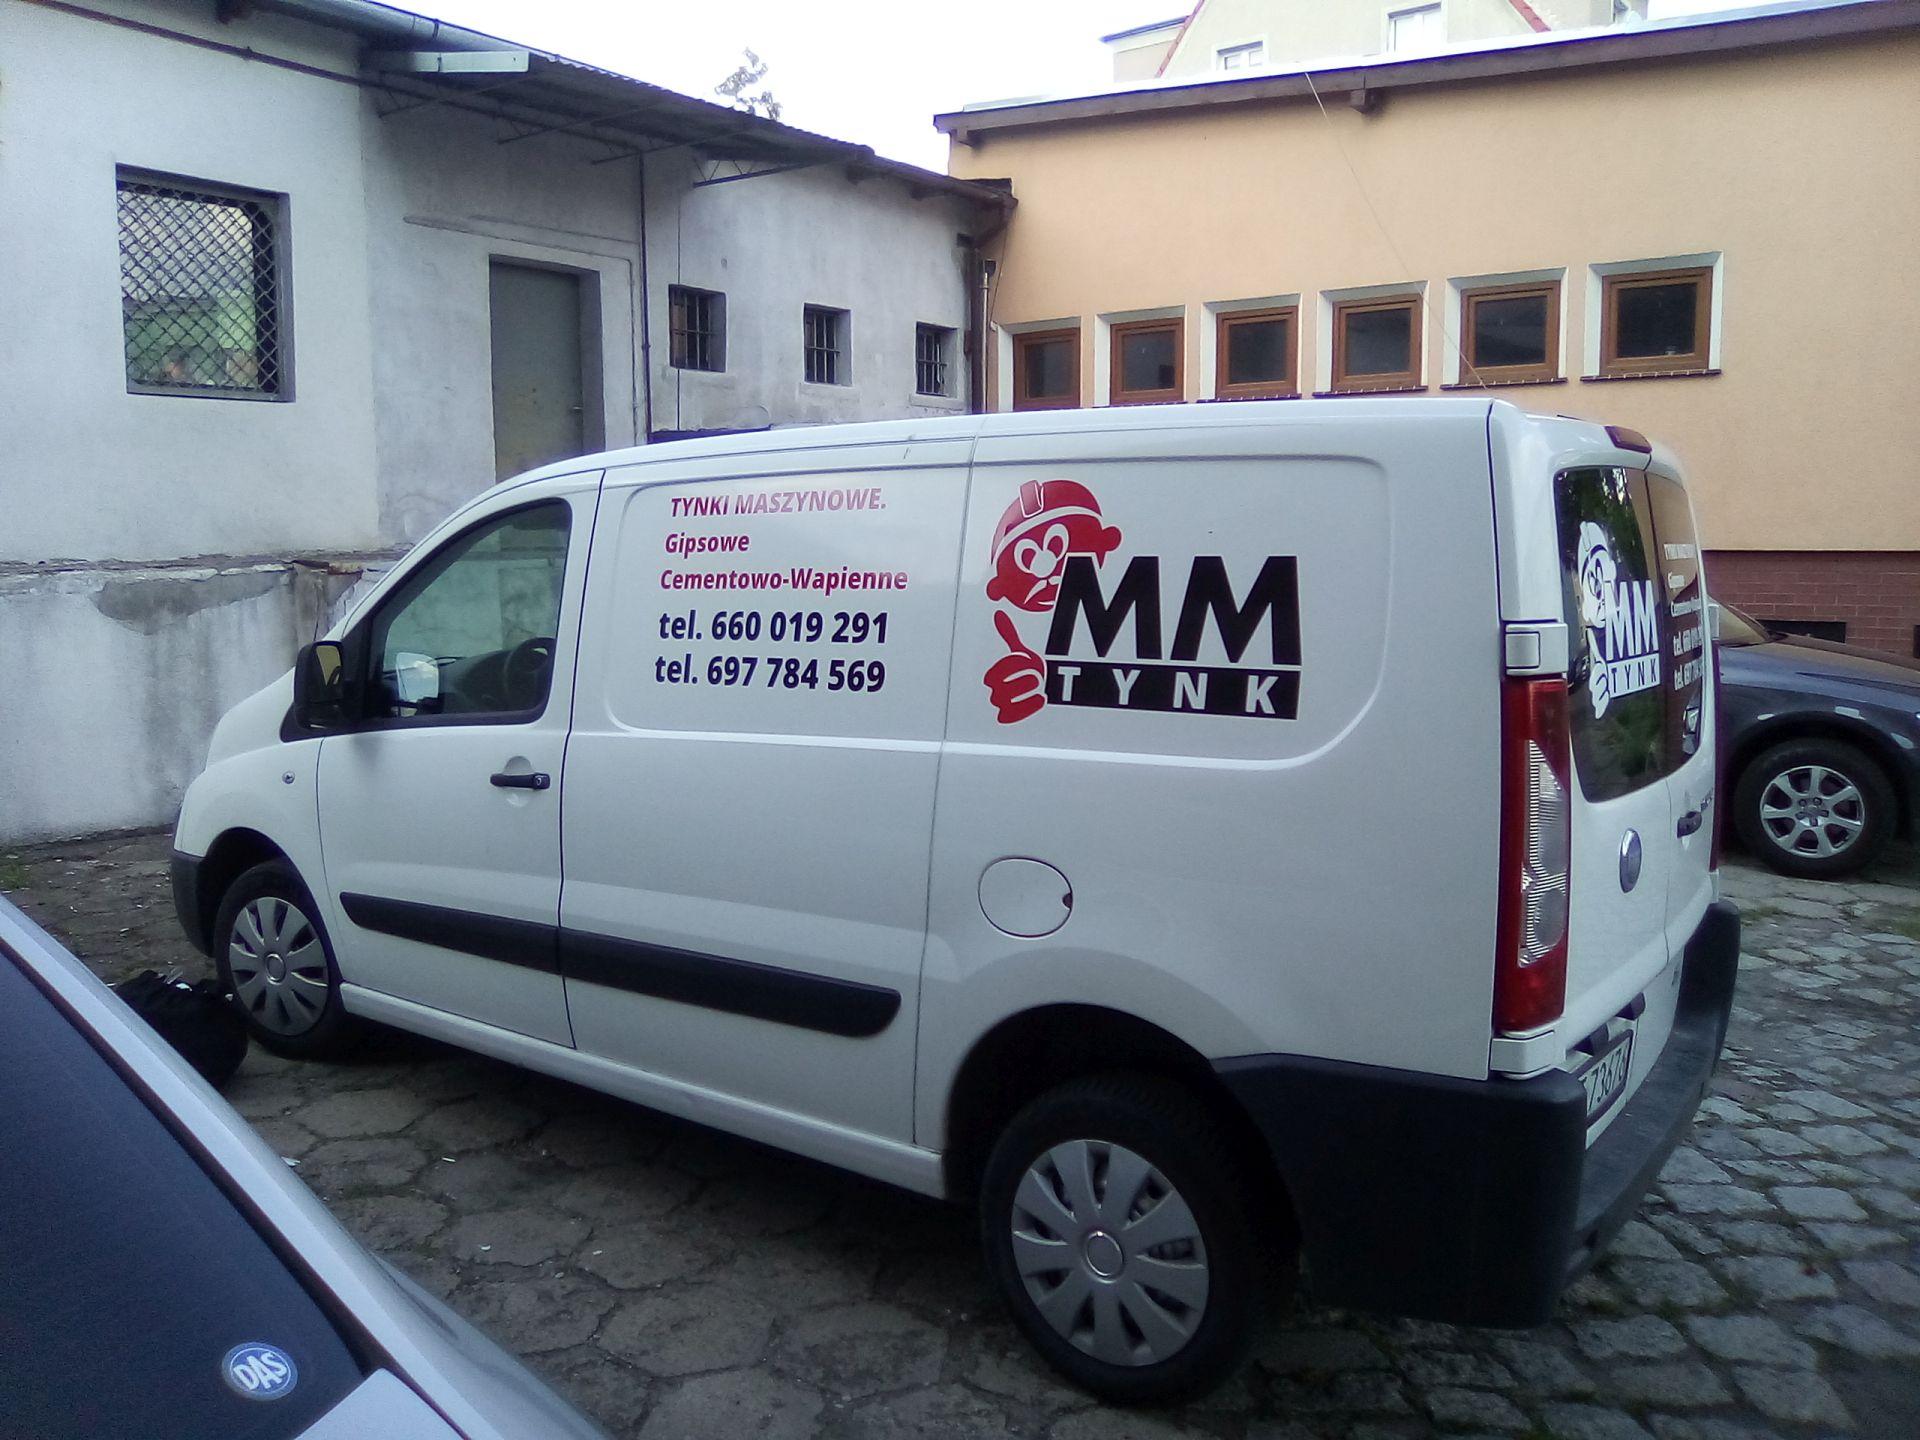 Oklejenie pojazdu dla firmy MM Tynk